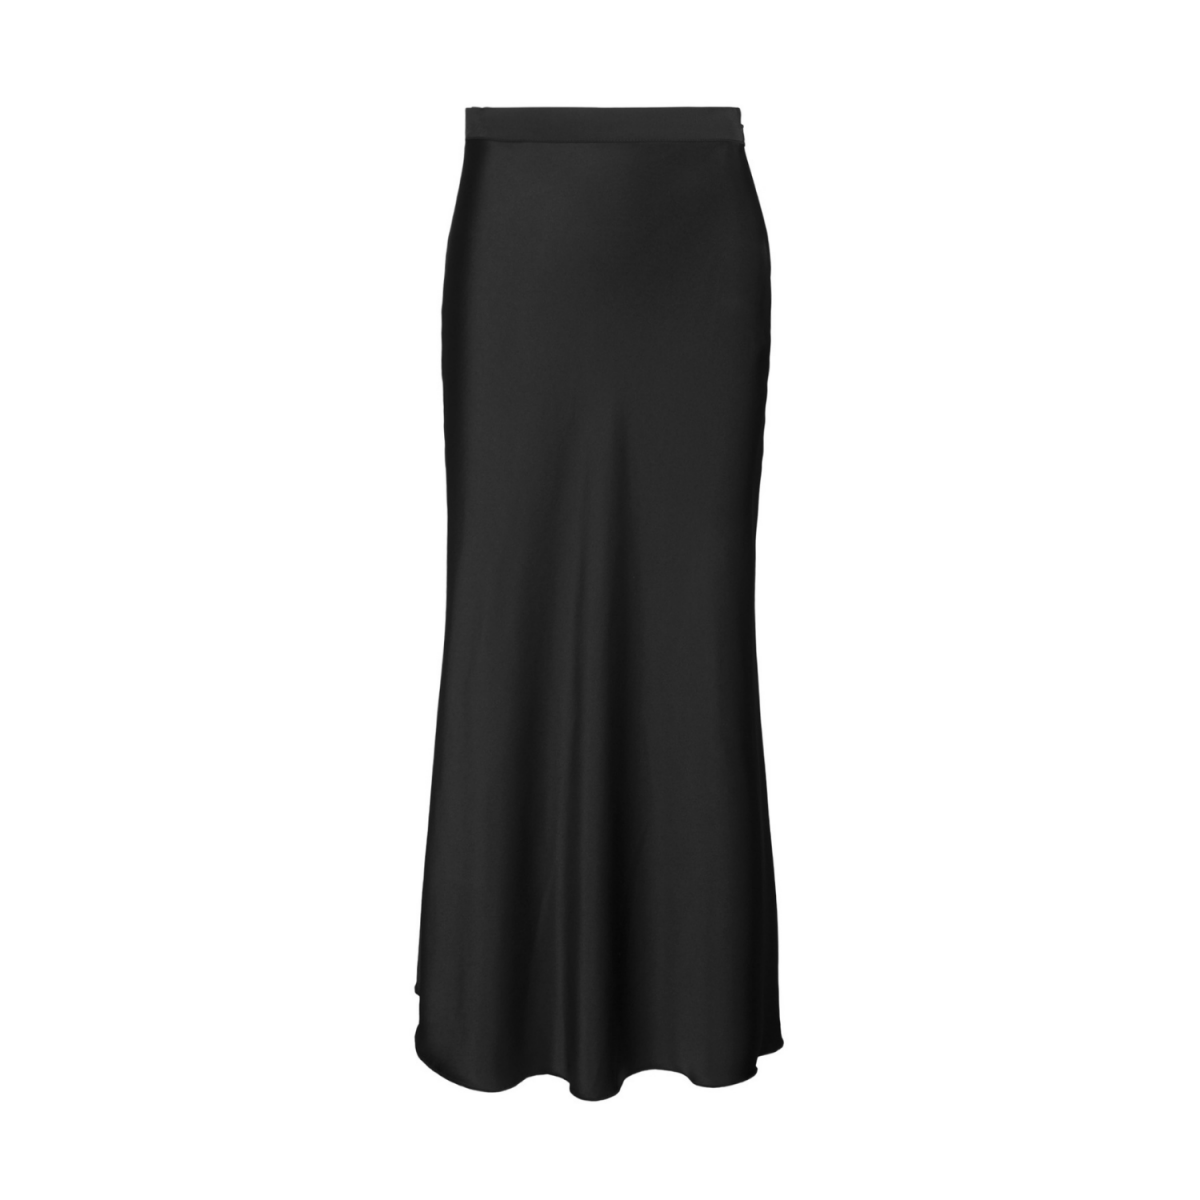 hana nederdel - black - front billede